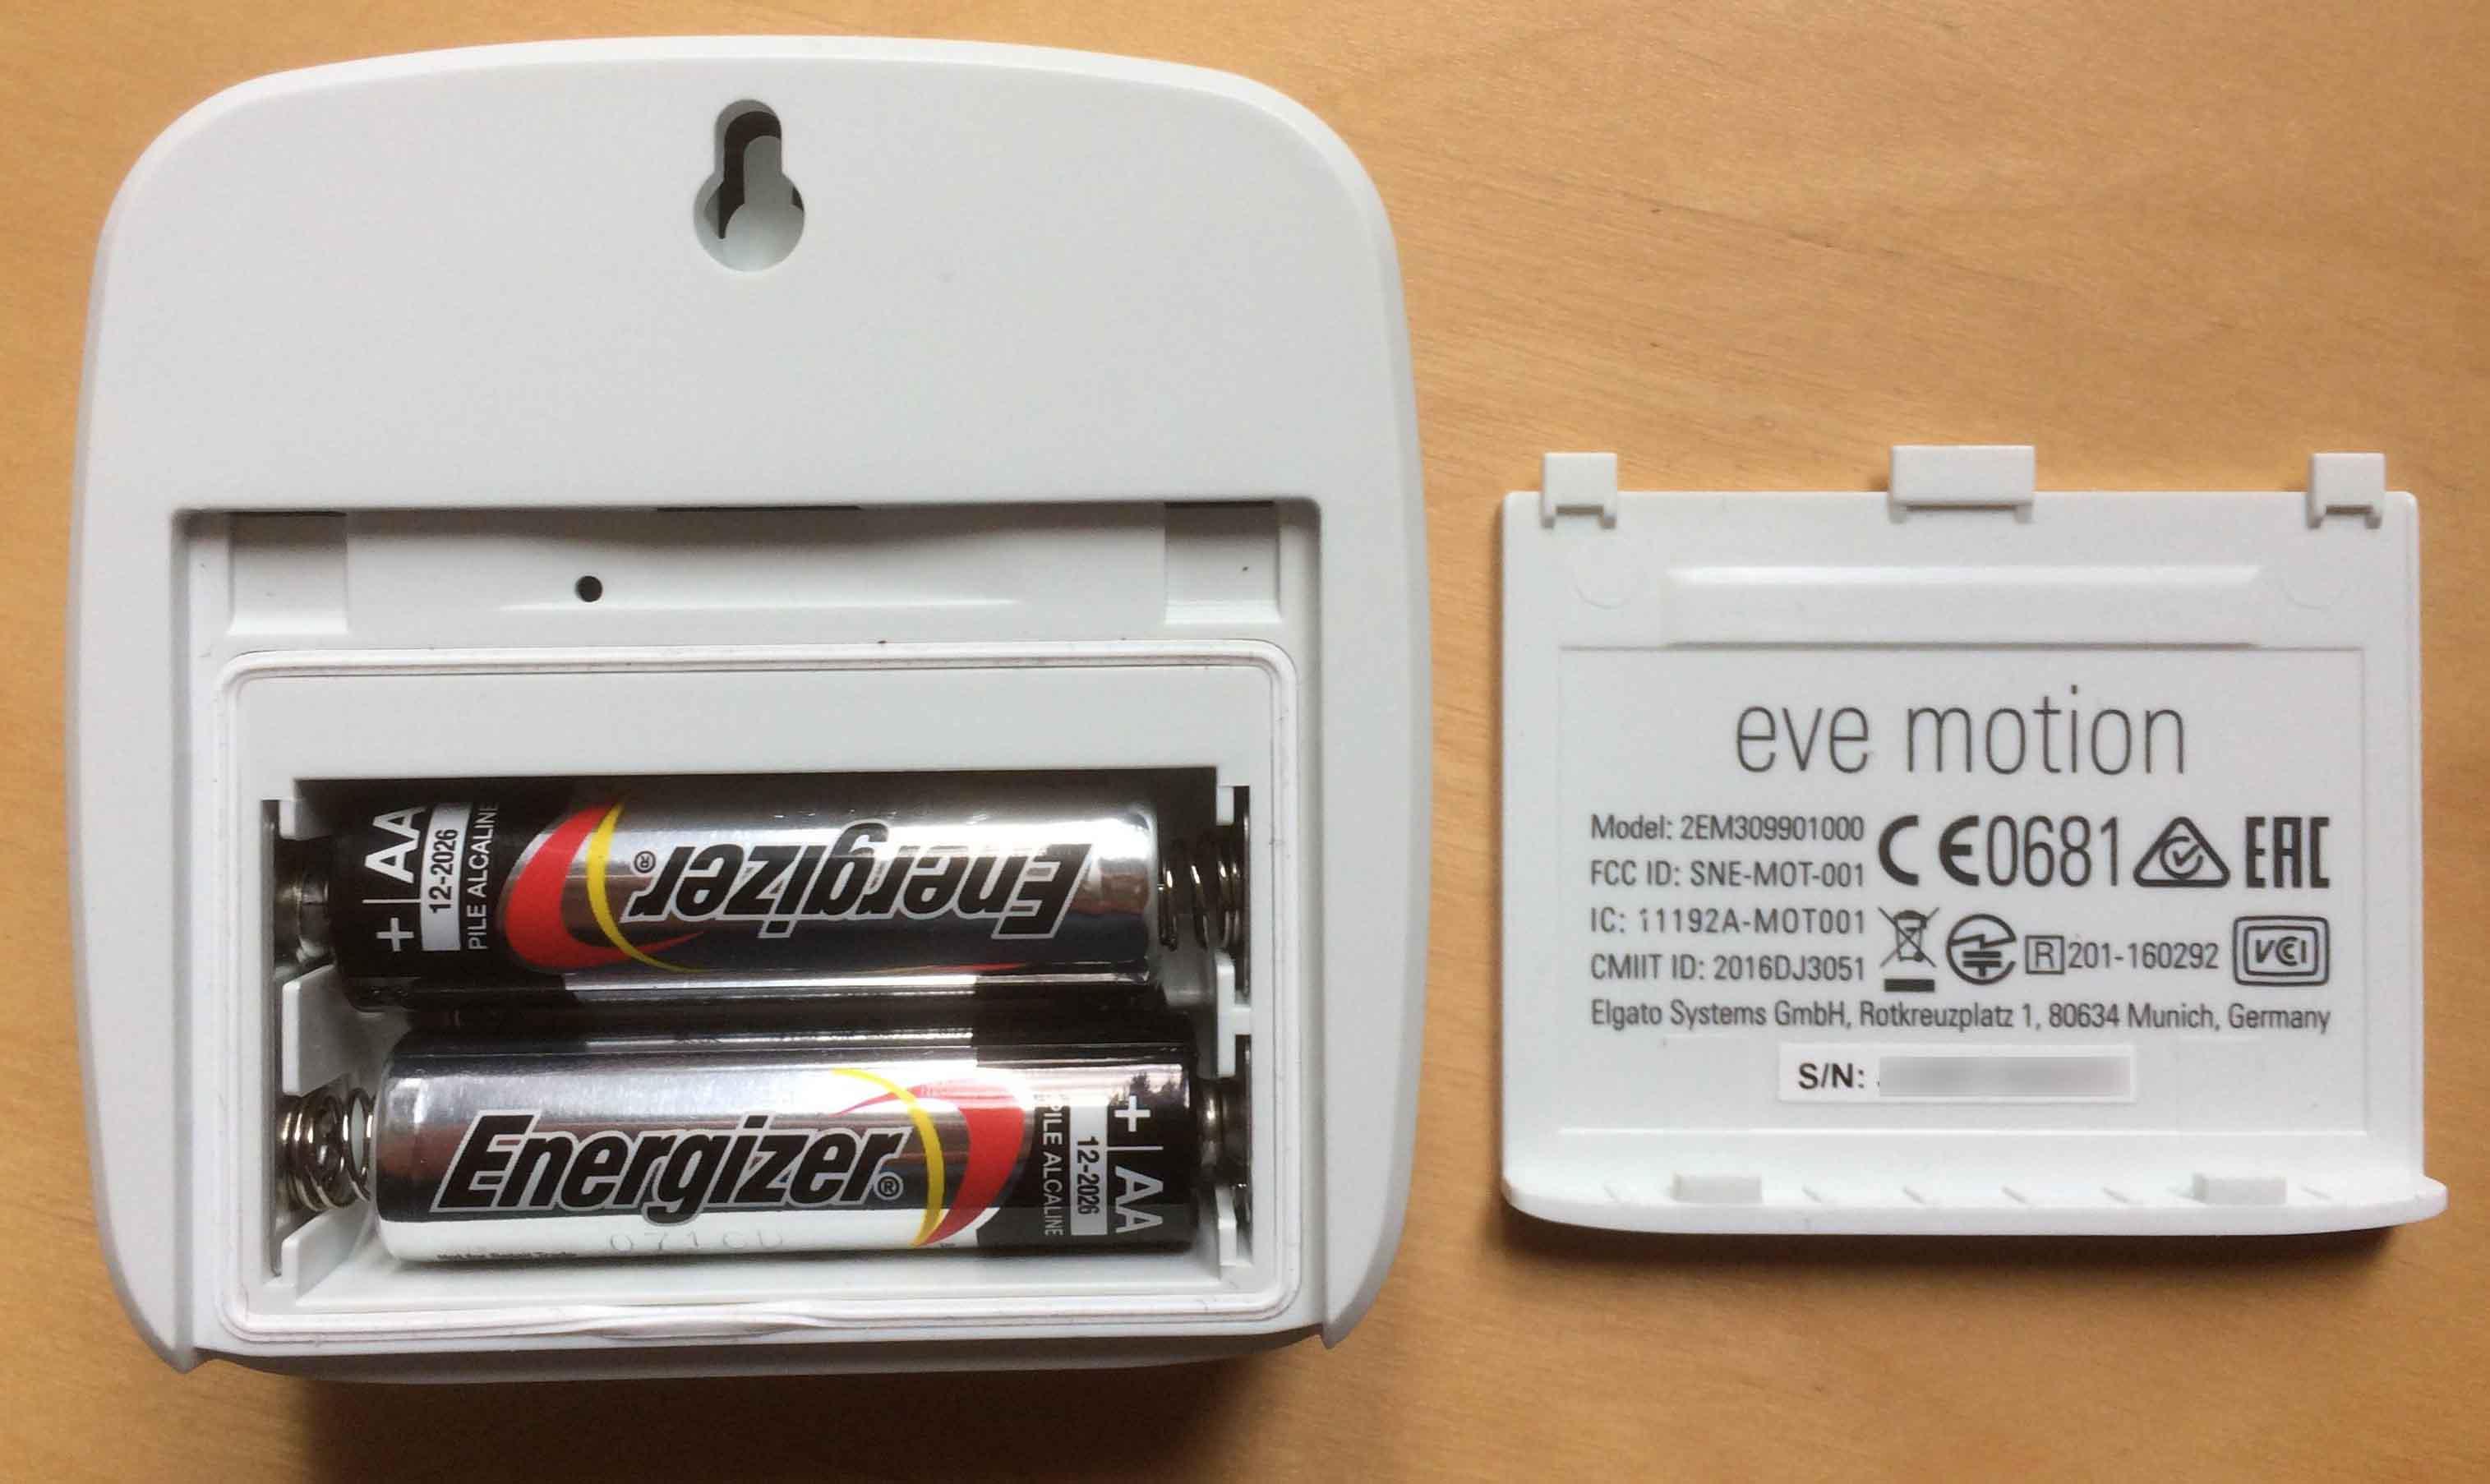 EVE-5 Présentation du capteur de mouvement EVE Motion de Elgato avec HomeKit